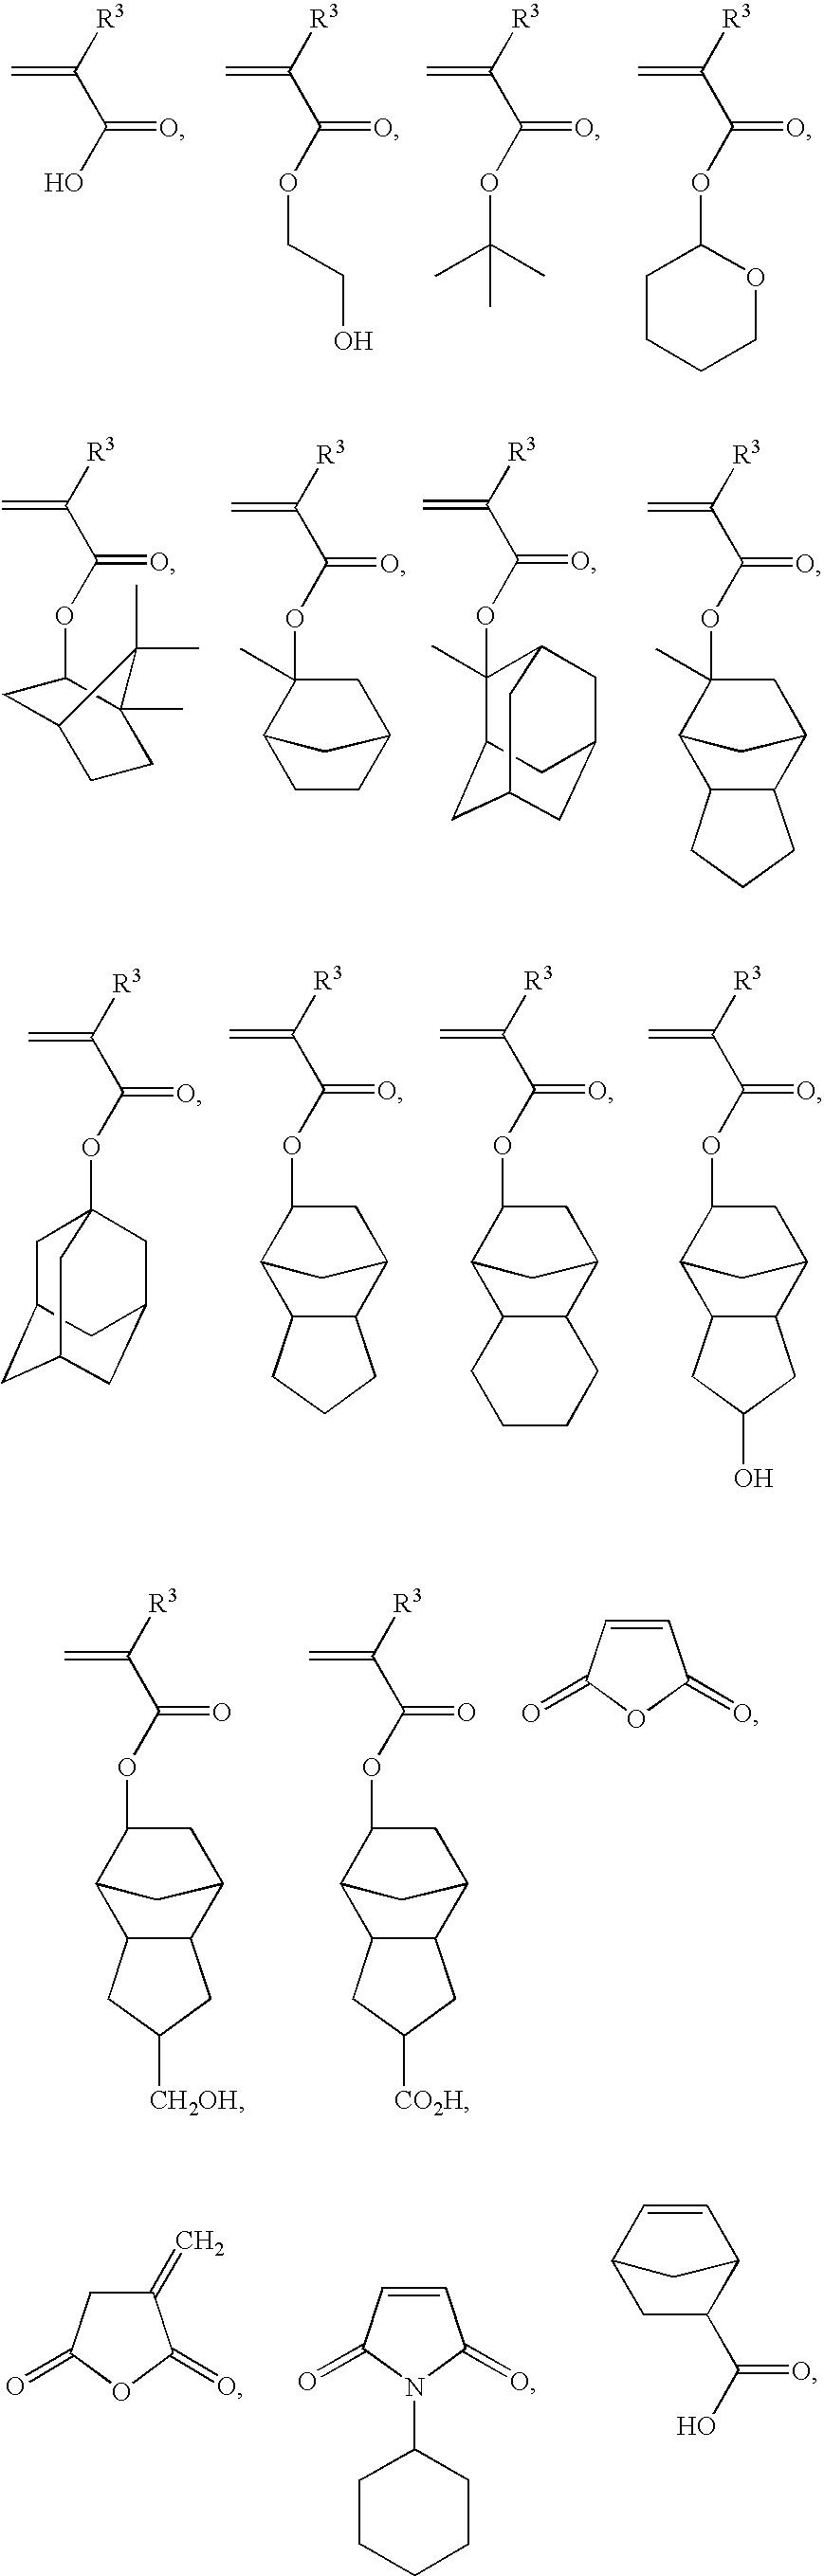 Figure US06703178-20040309-C00006